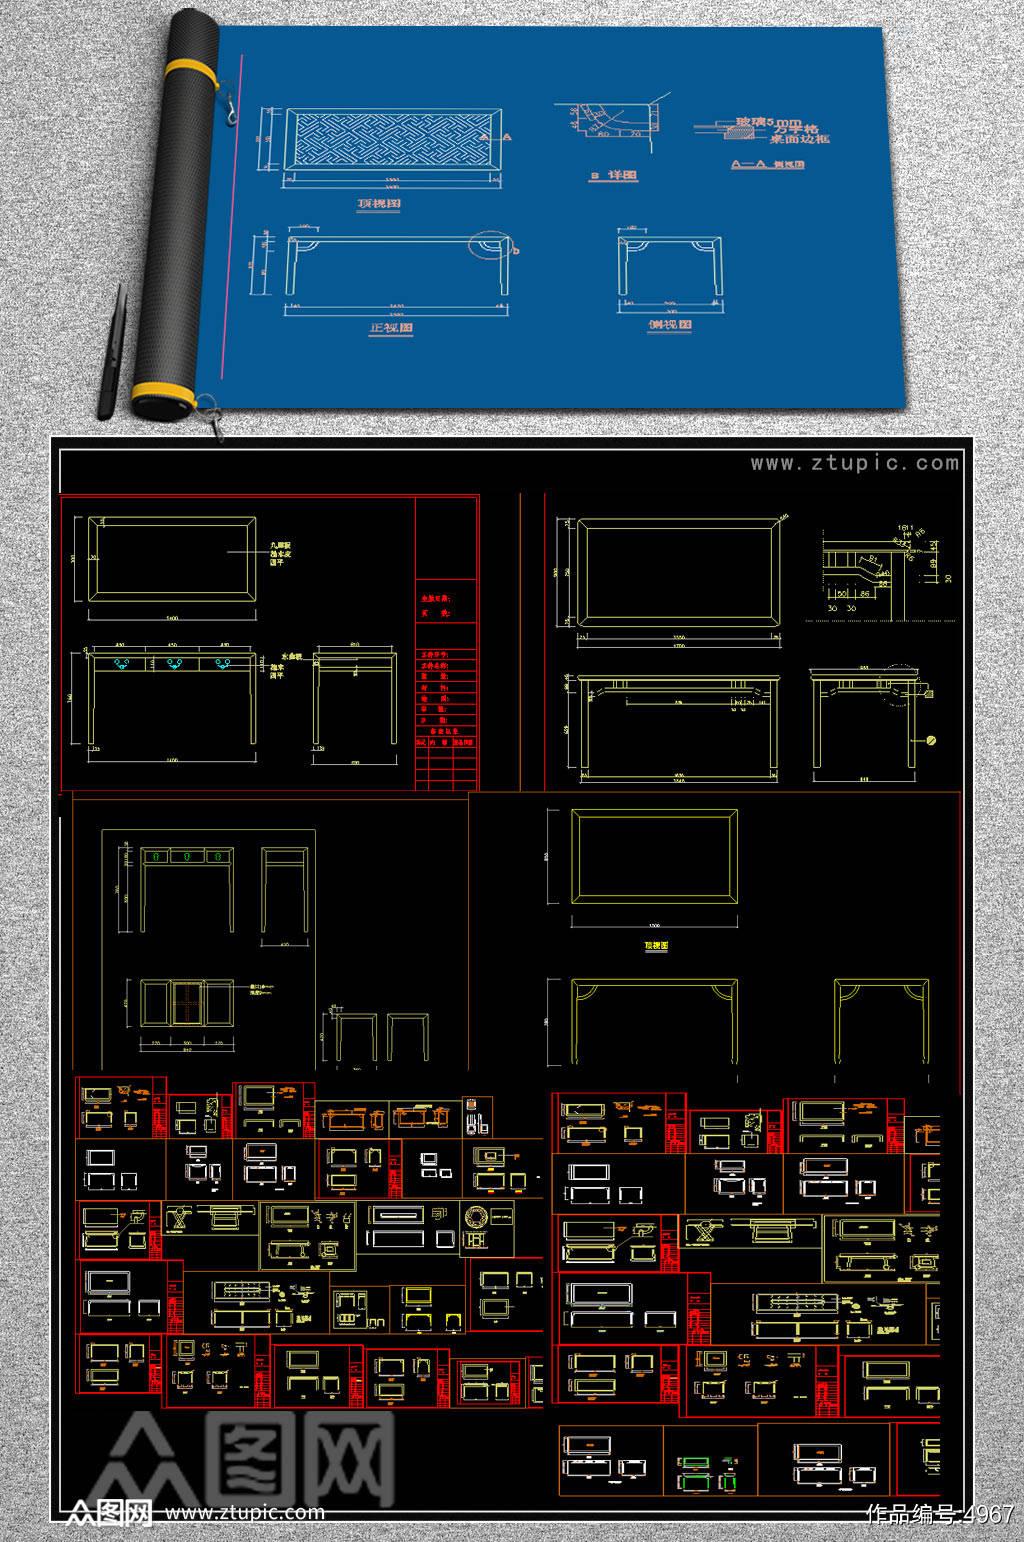 原创桌子CAD图库.rar (4.8 mb)上传成功素材